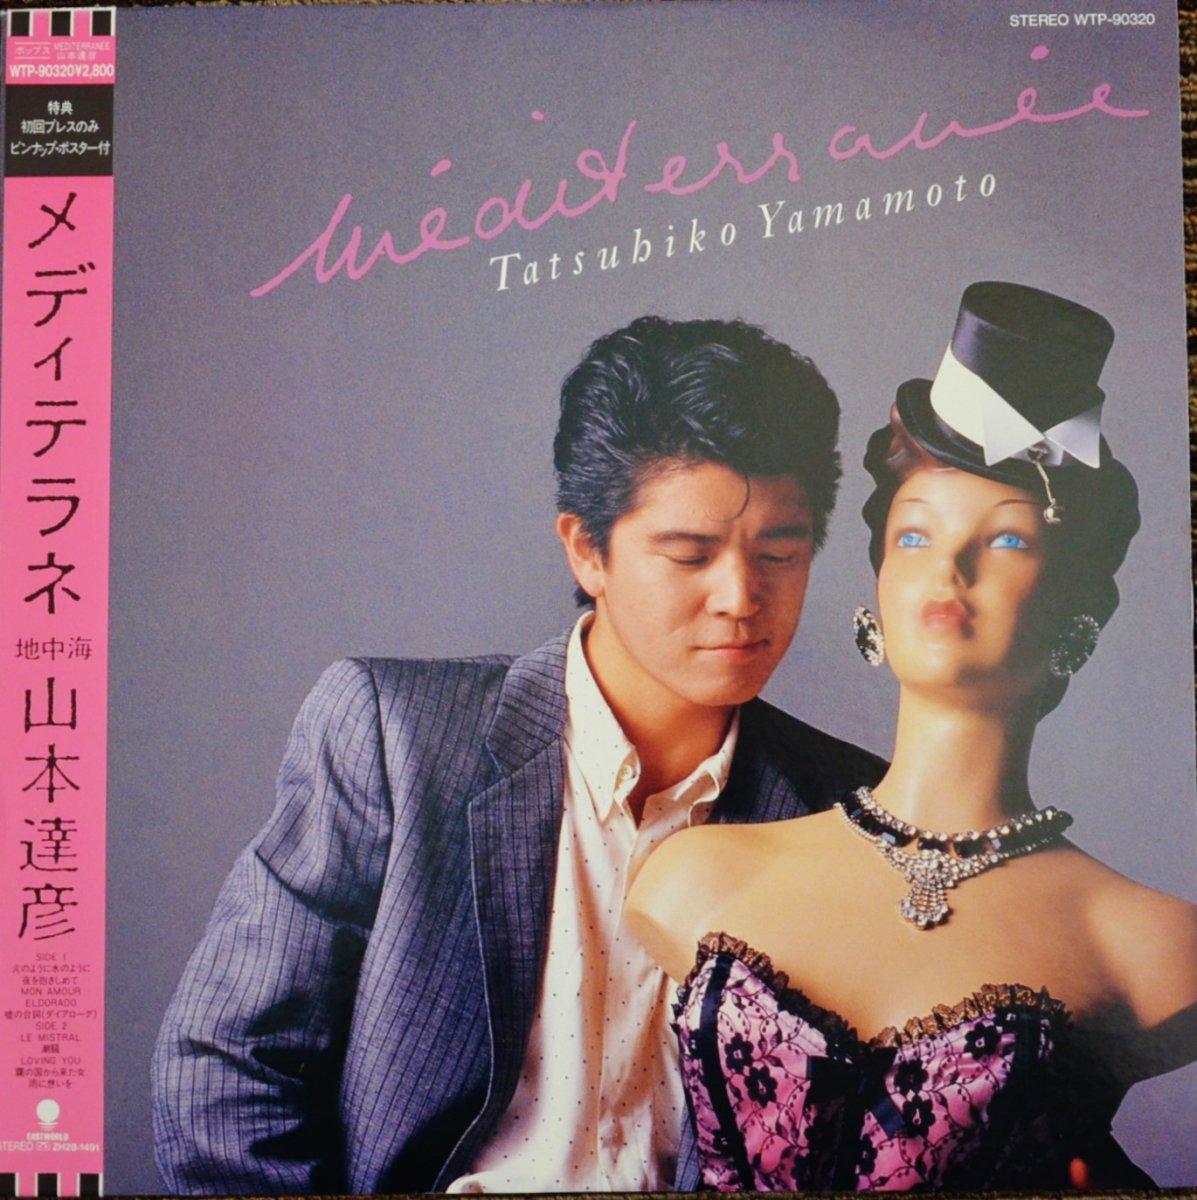 山本達彦 TATSUHIKO YAMAMOTO / メディテラネ 地中海 MEDITERRANEE (LP)